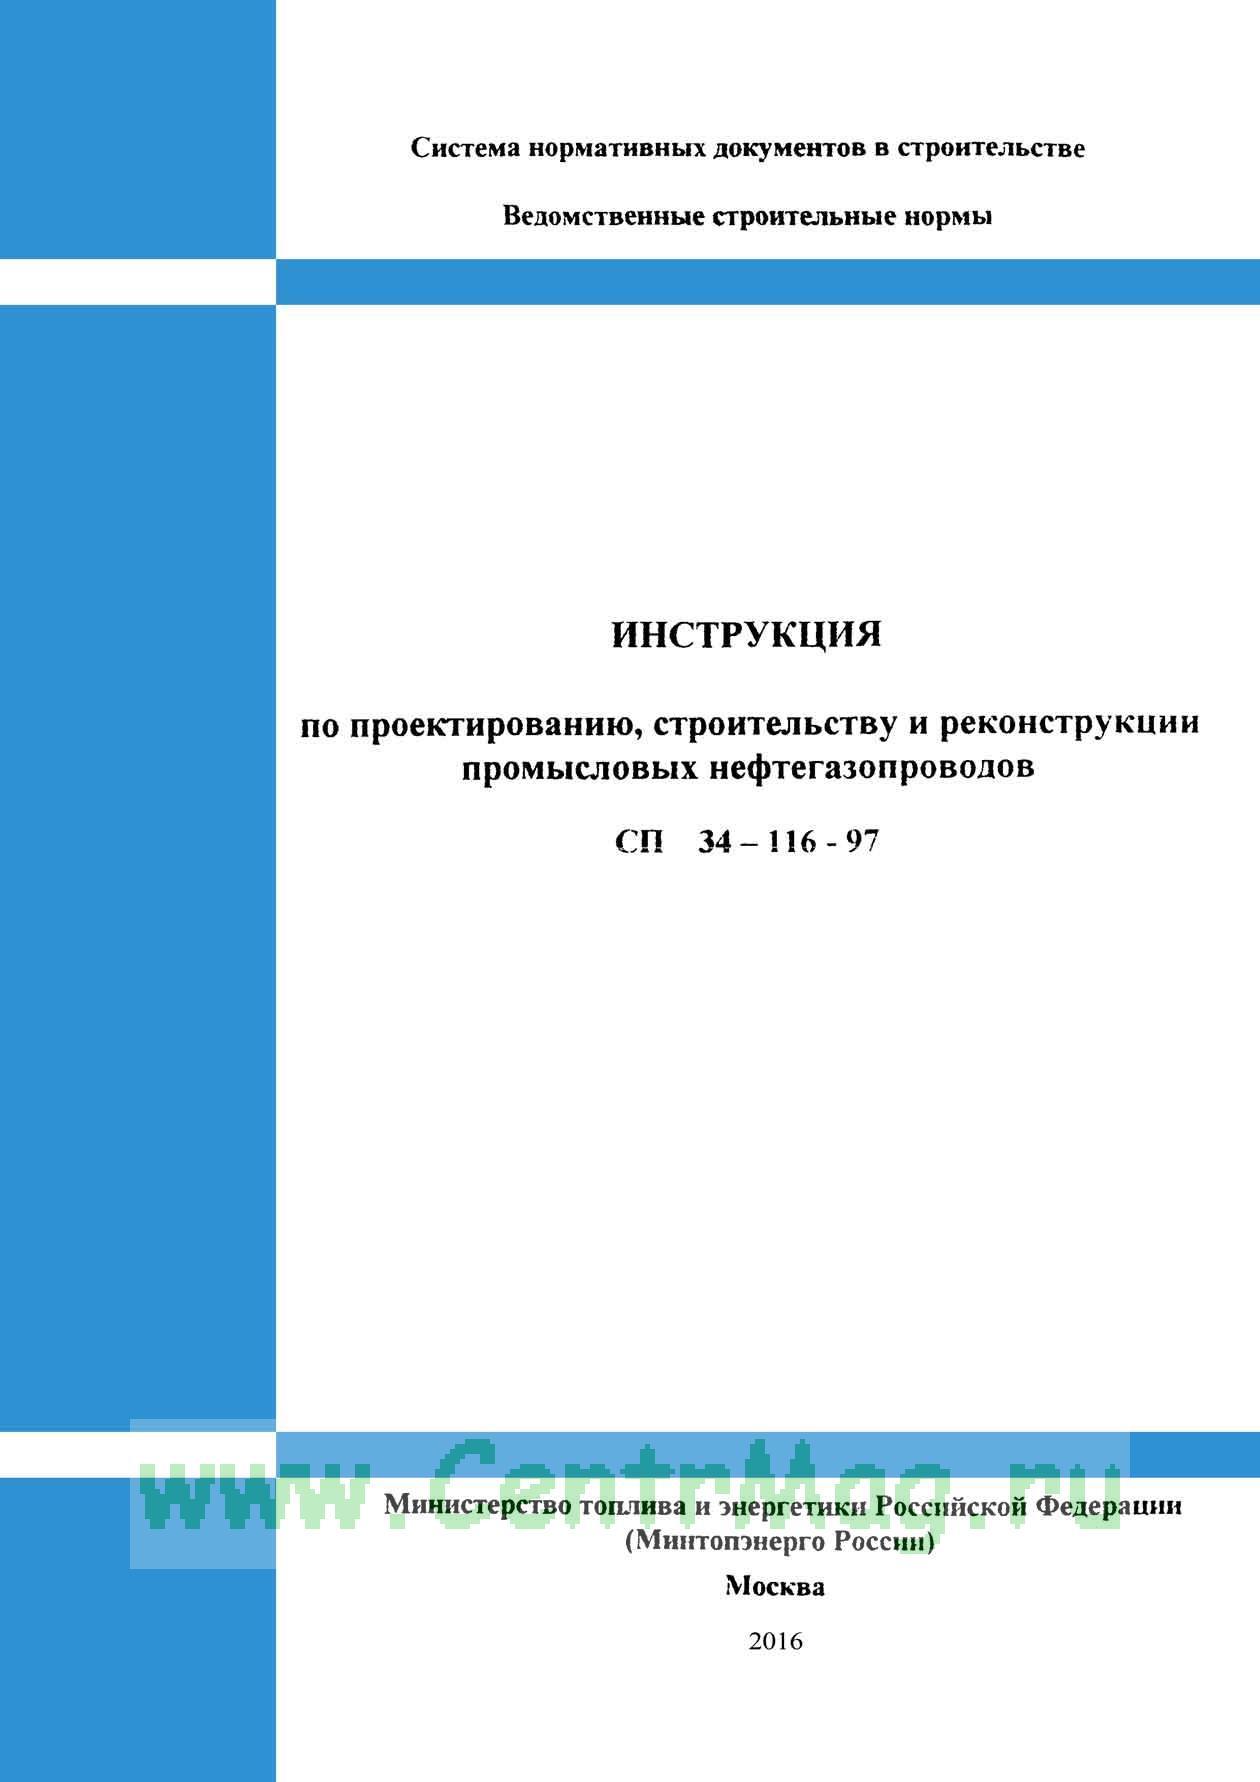 СП 34-116-97 Инструкция по проектированию, строительству и реконструкции промысловых нефтегазопроводов 2019 год. Последняя редакция